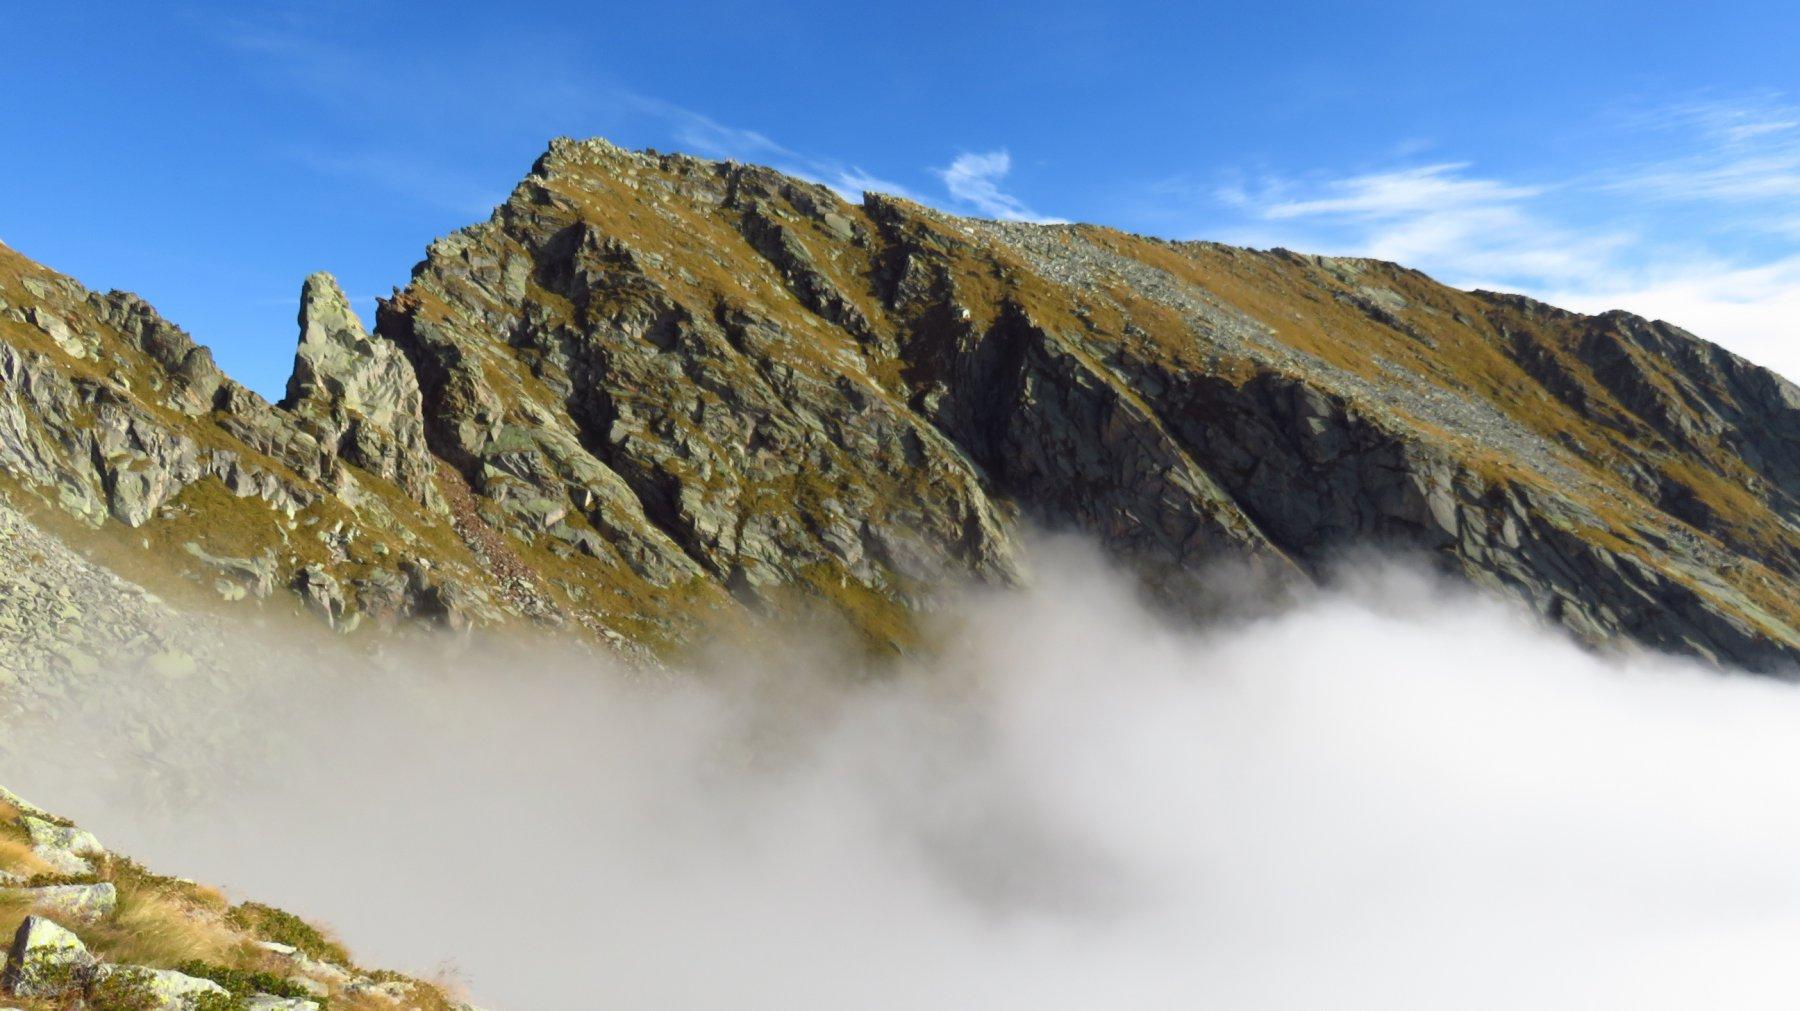 Uscita dal mare di nebbia, con vista su Punte Manda